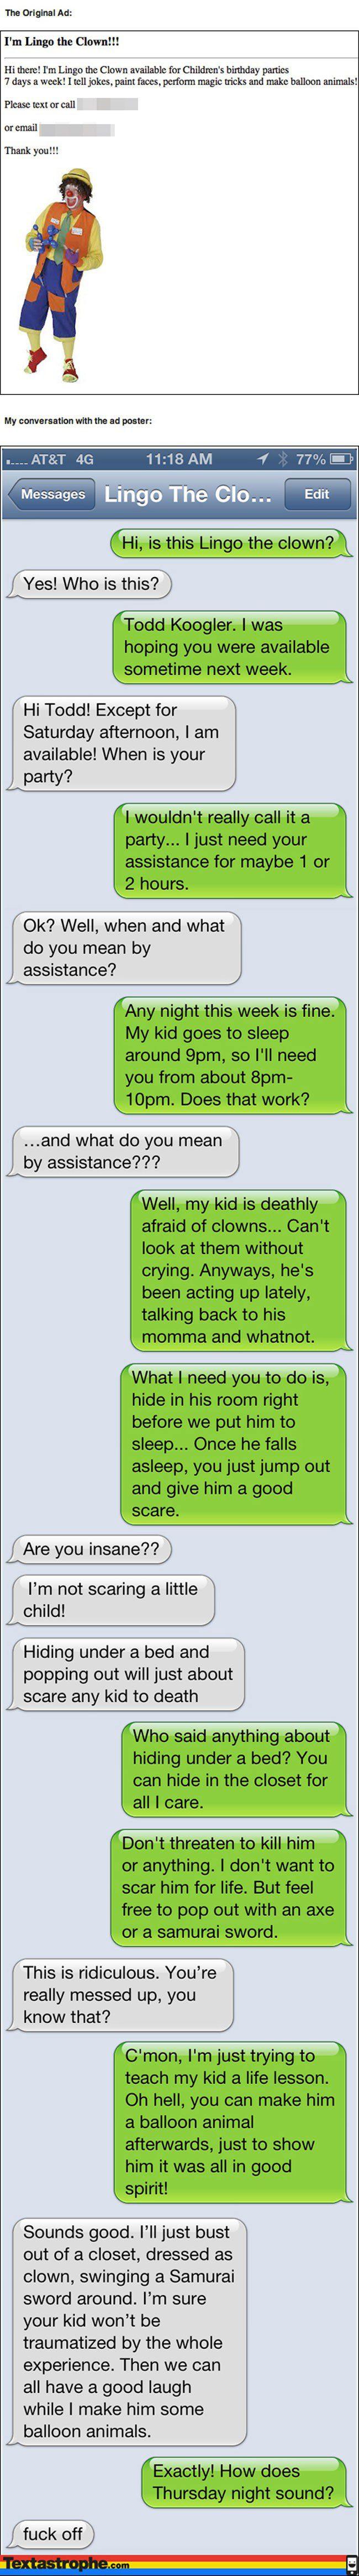 Lingo the Clown